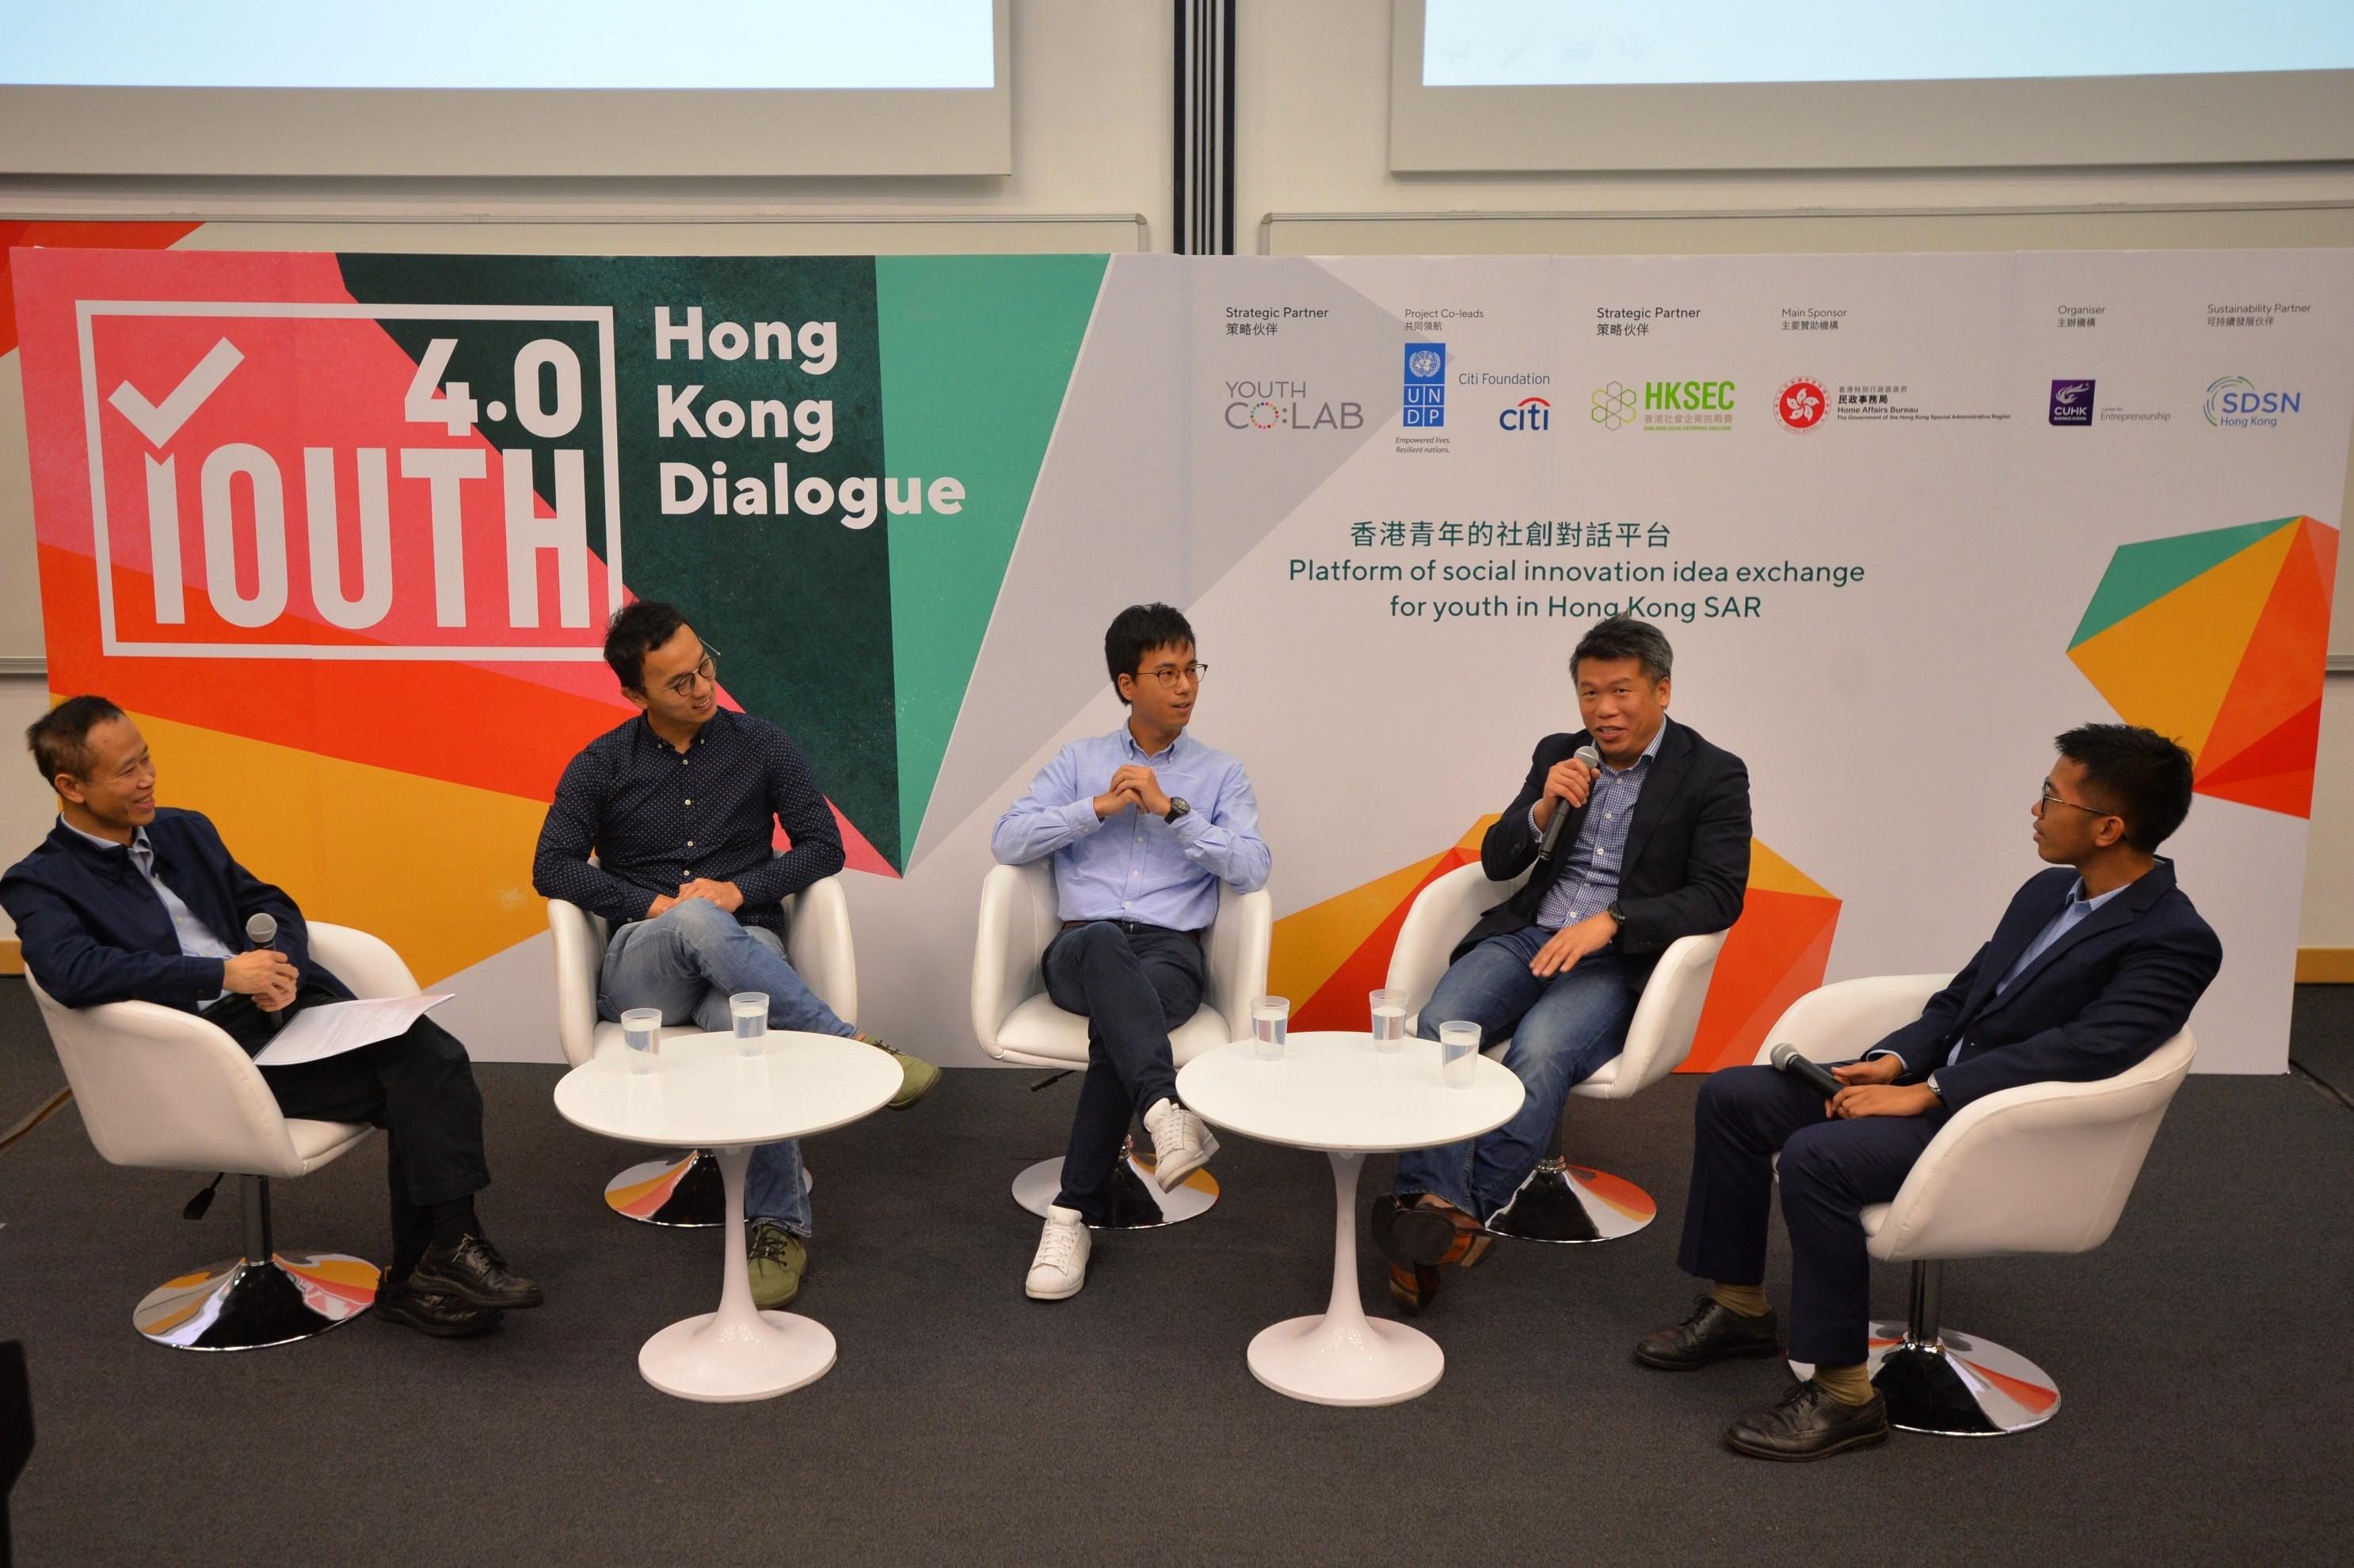 (由左至右) 盧永鴻教授、古偉牧先生(香港公平貿易聯盟行政總監)、黃偉浩博士(香港海洋公園保育基金科研副經理)、黃有傑先生(本識顧問創辦人)及劉霆鋒先生(「SDSN香港」青年網絡統籌)在座談會及問答環節與參加者進行深入的分享和交流。